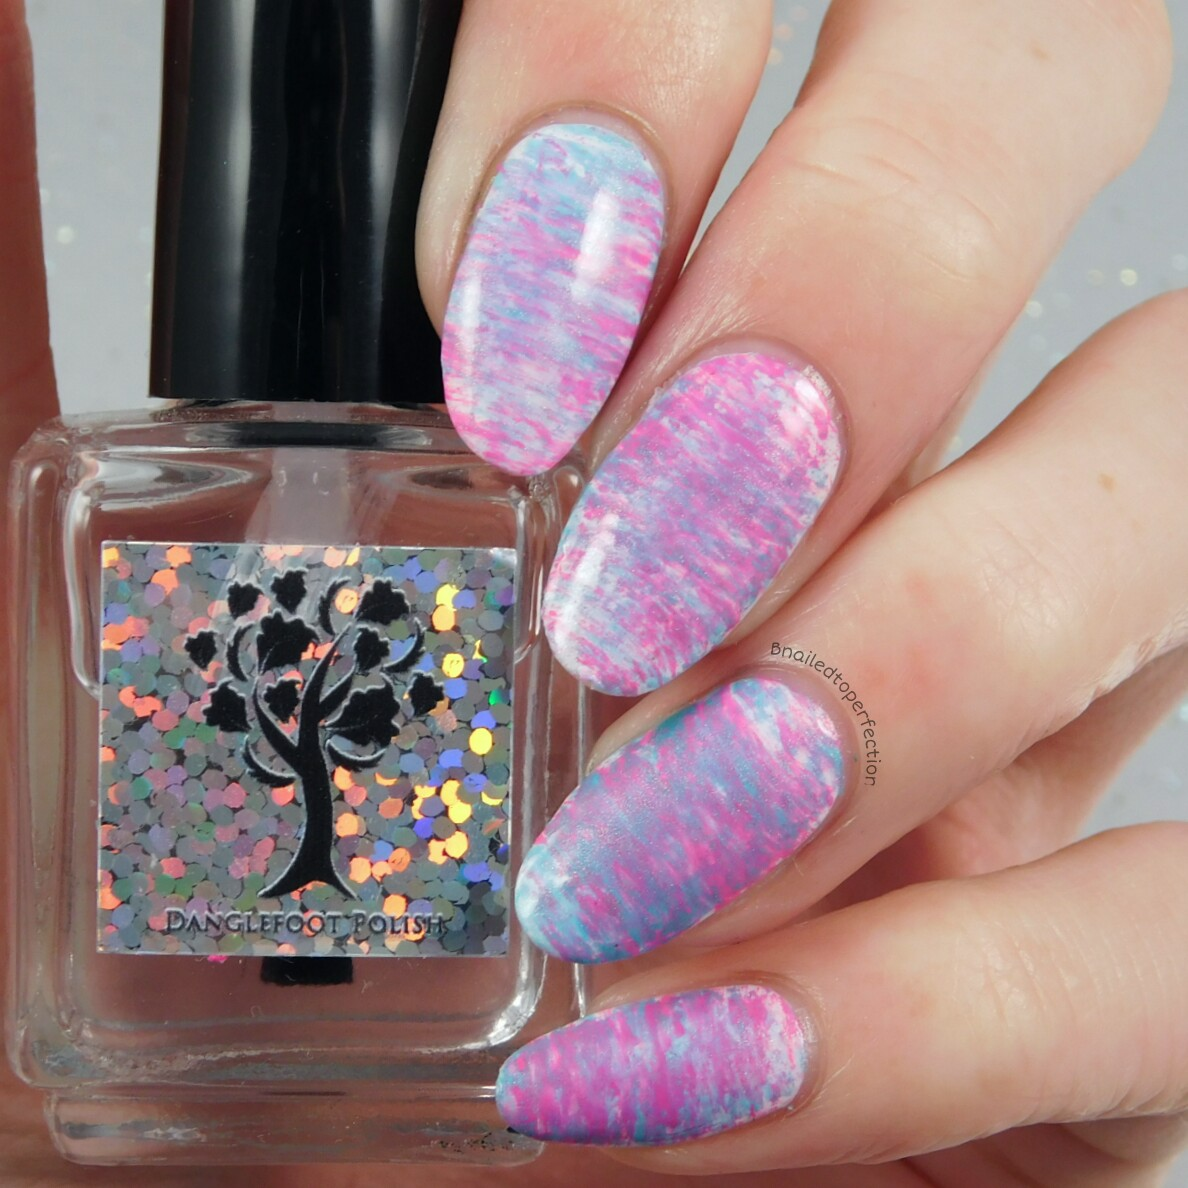 B Nailed To Perfection: 40 Great Nail Art Ideas - Pink and Aqua ...